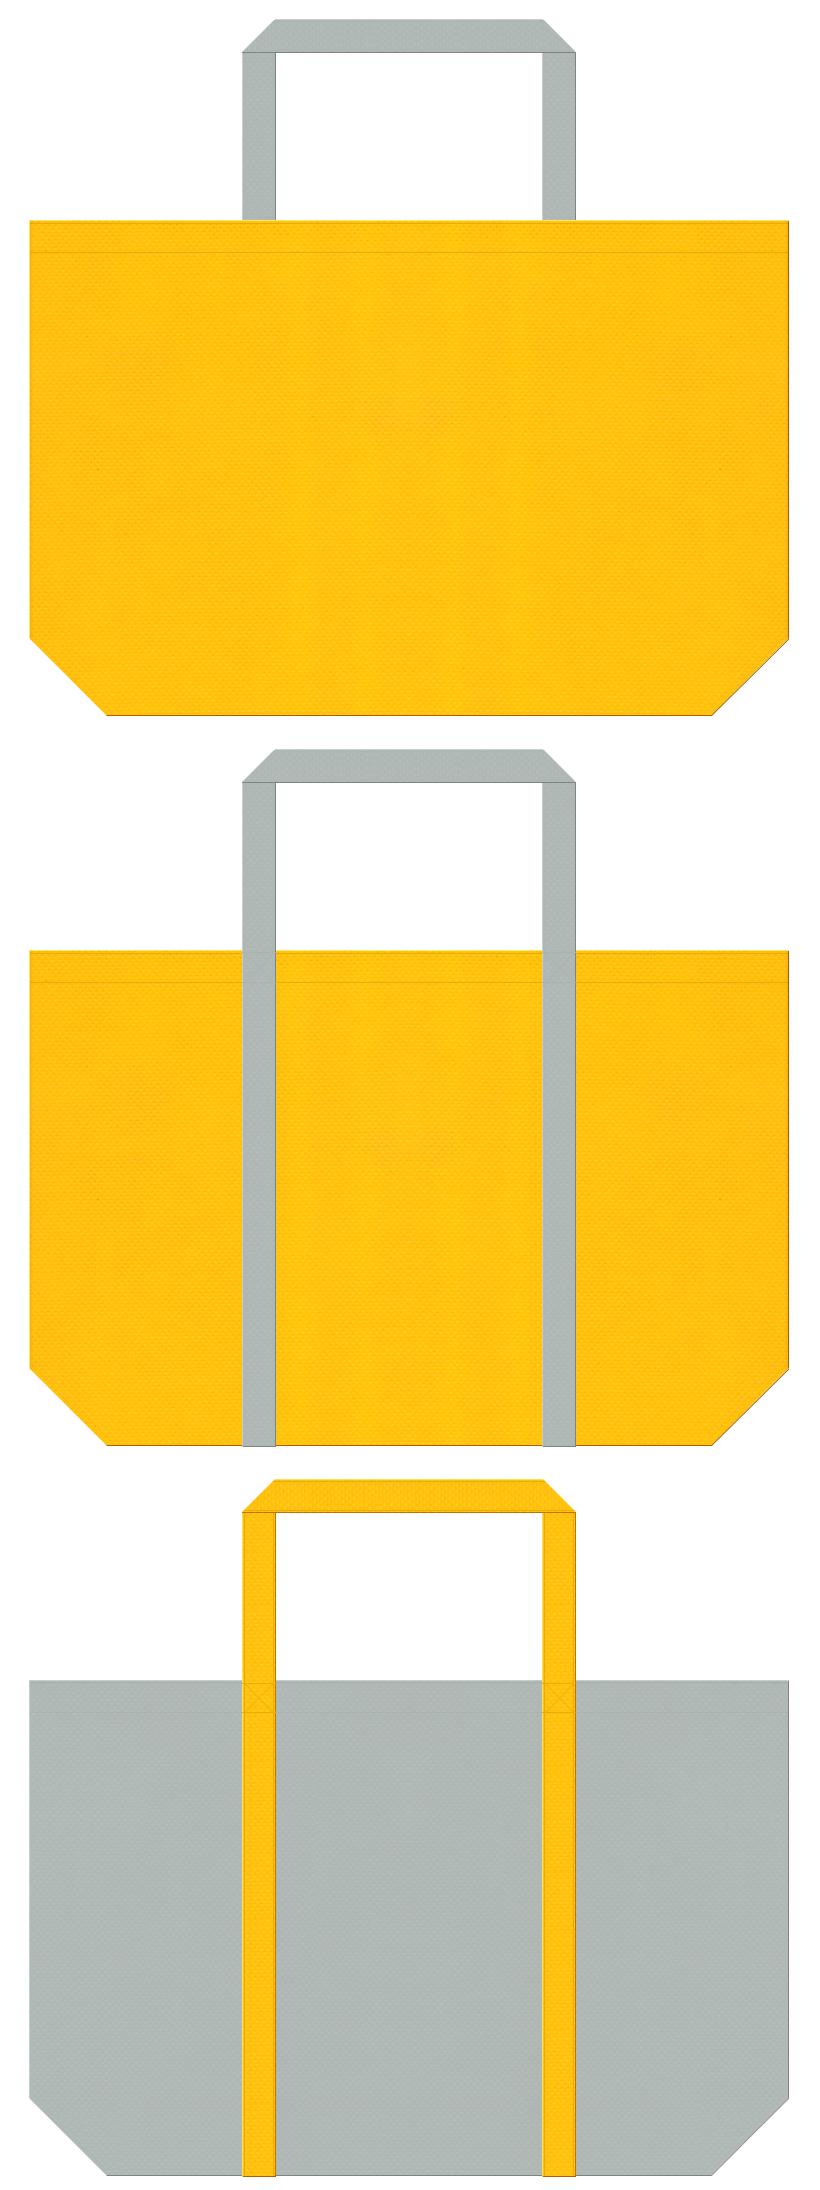 電気・電柱・通信・照明器具・ワーキングウェア・ロボットイベントのノベルティにお奨めの不織布バッグのデザイン:黄色とグレー色のコーデ